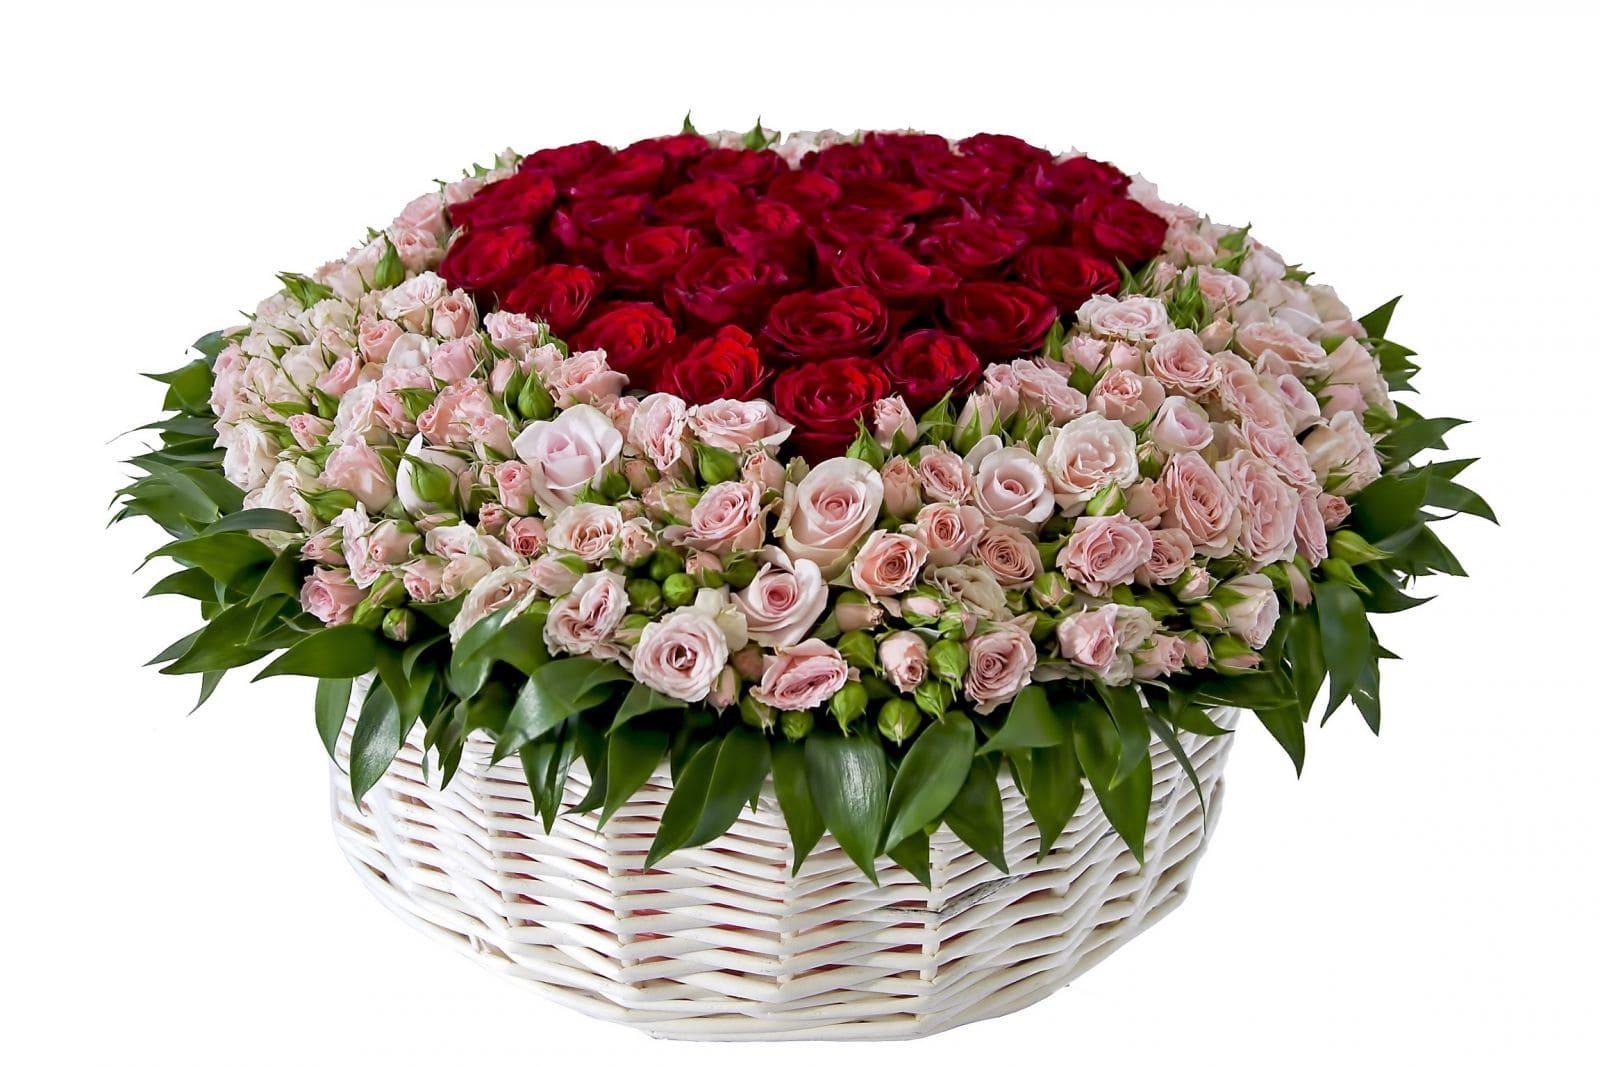 Цветы картинки к поздравлениями, открытки